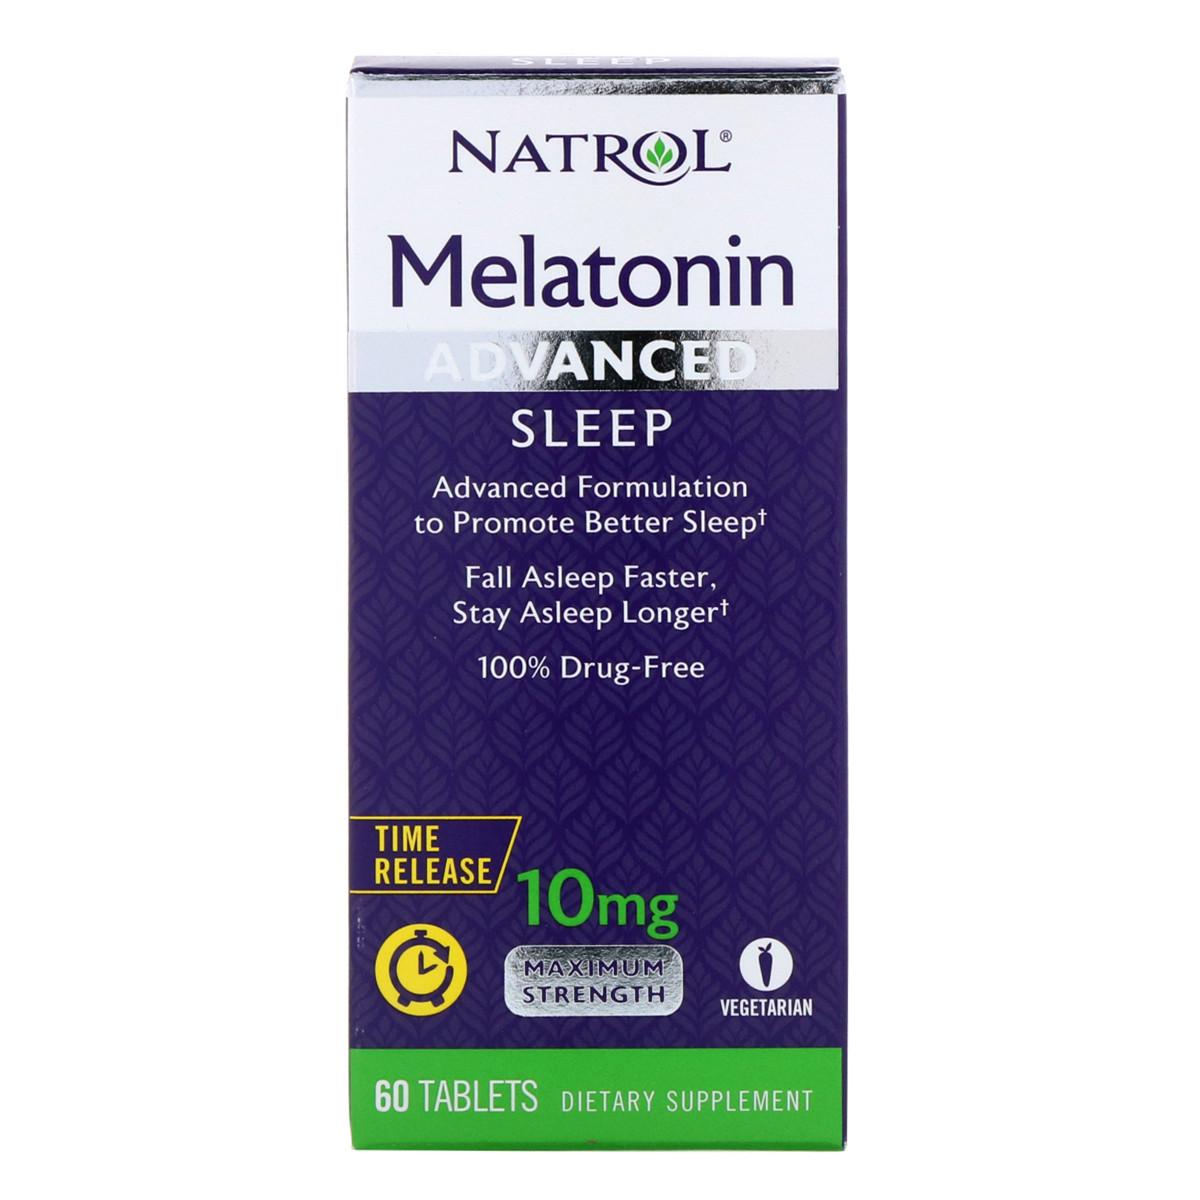 Мелатонин Медленного Высвобождения 10 мг, Melatonin Advanced Sleep, Natrol, 60 таблеток